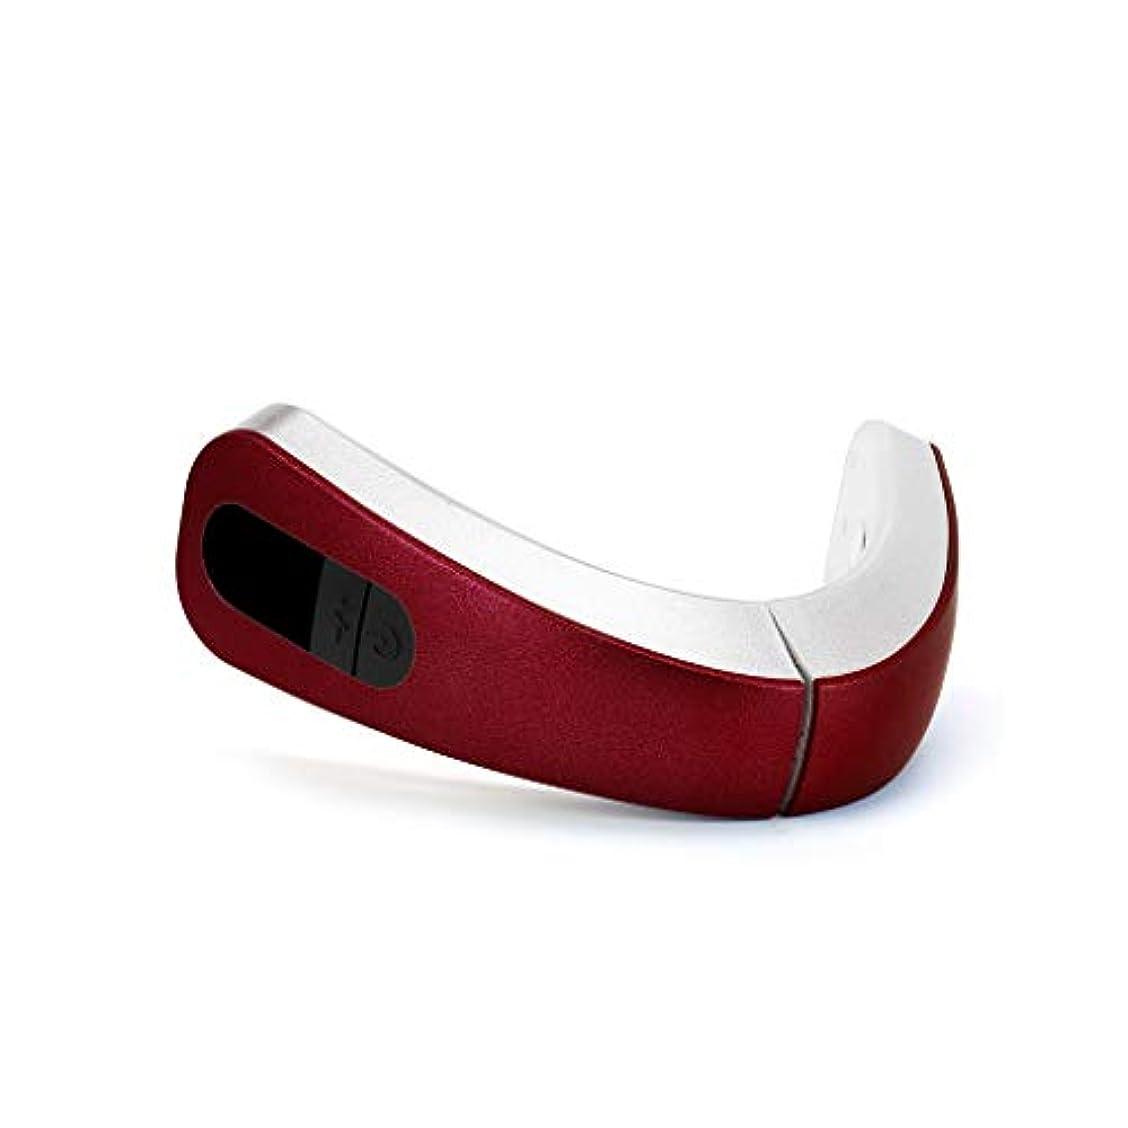 発音たっぷり会計士リフティングフェイシャル、電気マッサージ美容器具、リフティングファーミングファットディゾルビングシンフェイスシンダブルチンシンフェイス、4つのマッサージモードがあります (Color : Red)